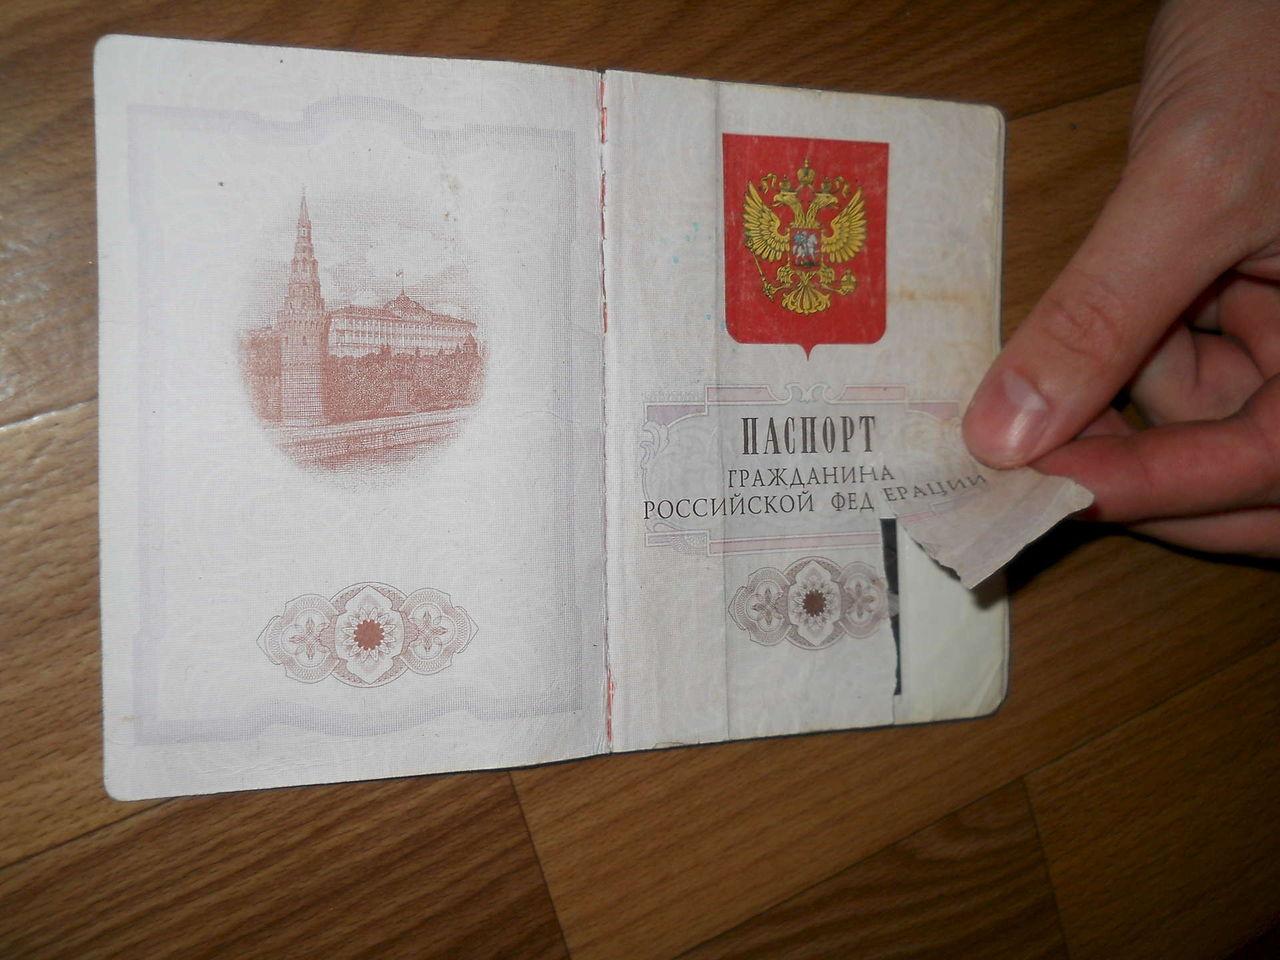 Оплата штрафа за порчу паспорта